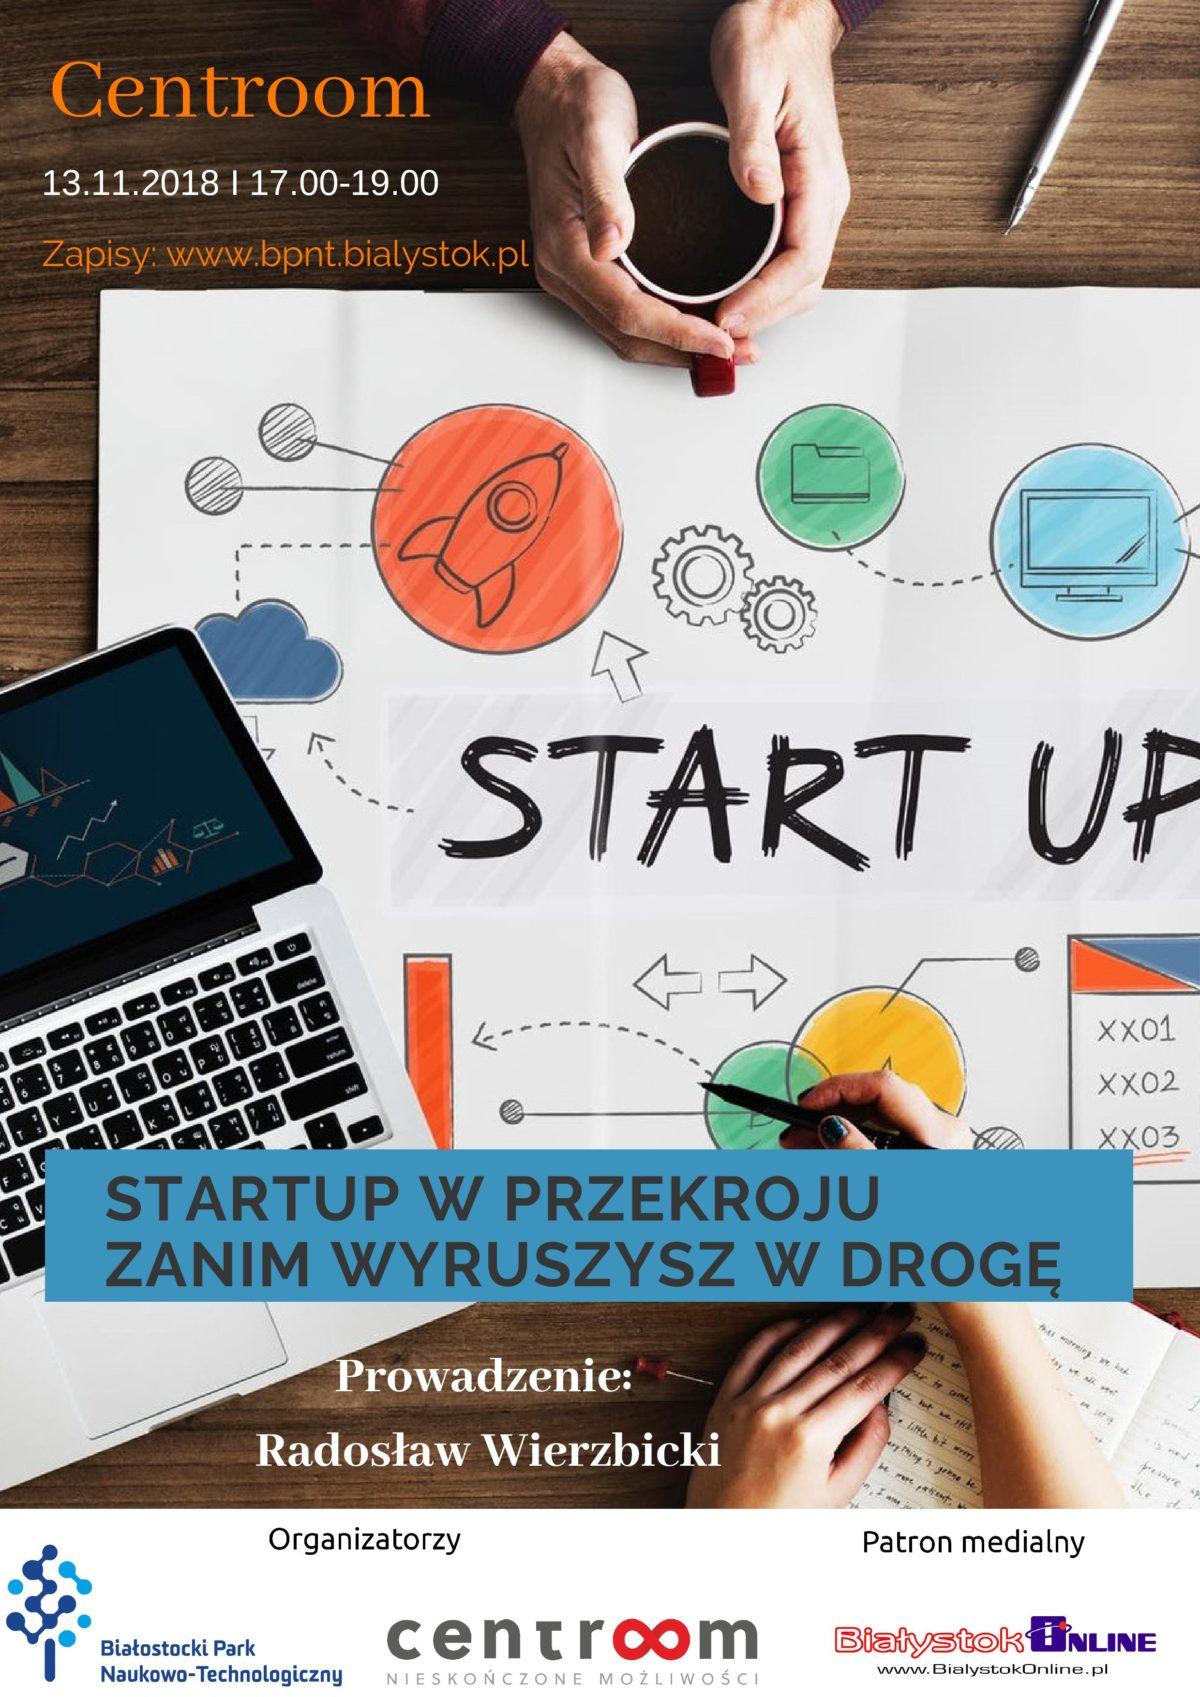 Startup w przekroju - zanim wyruszysz w drogę